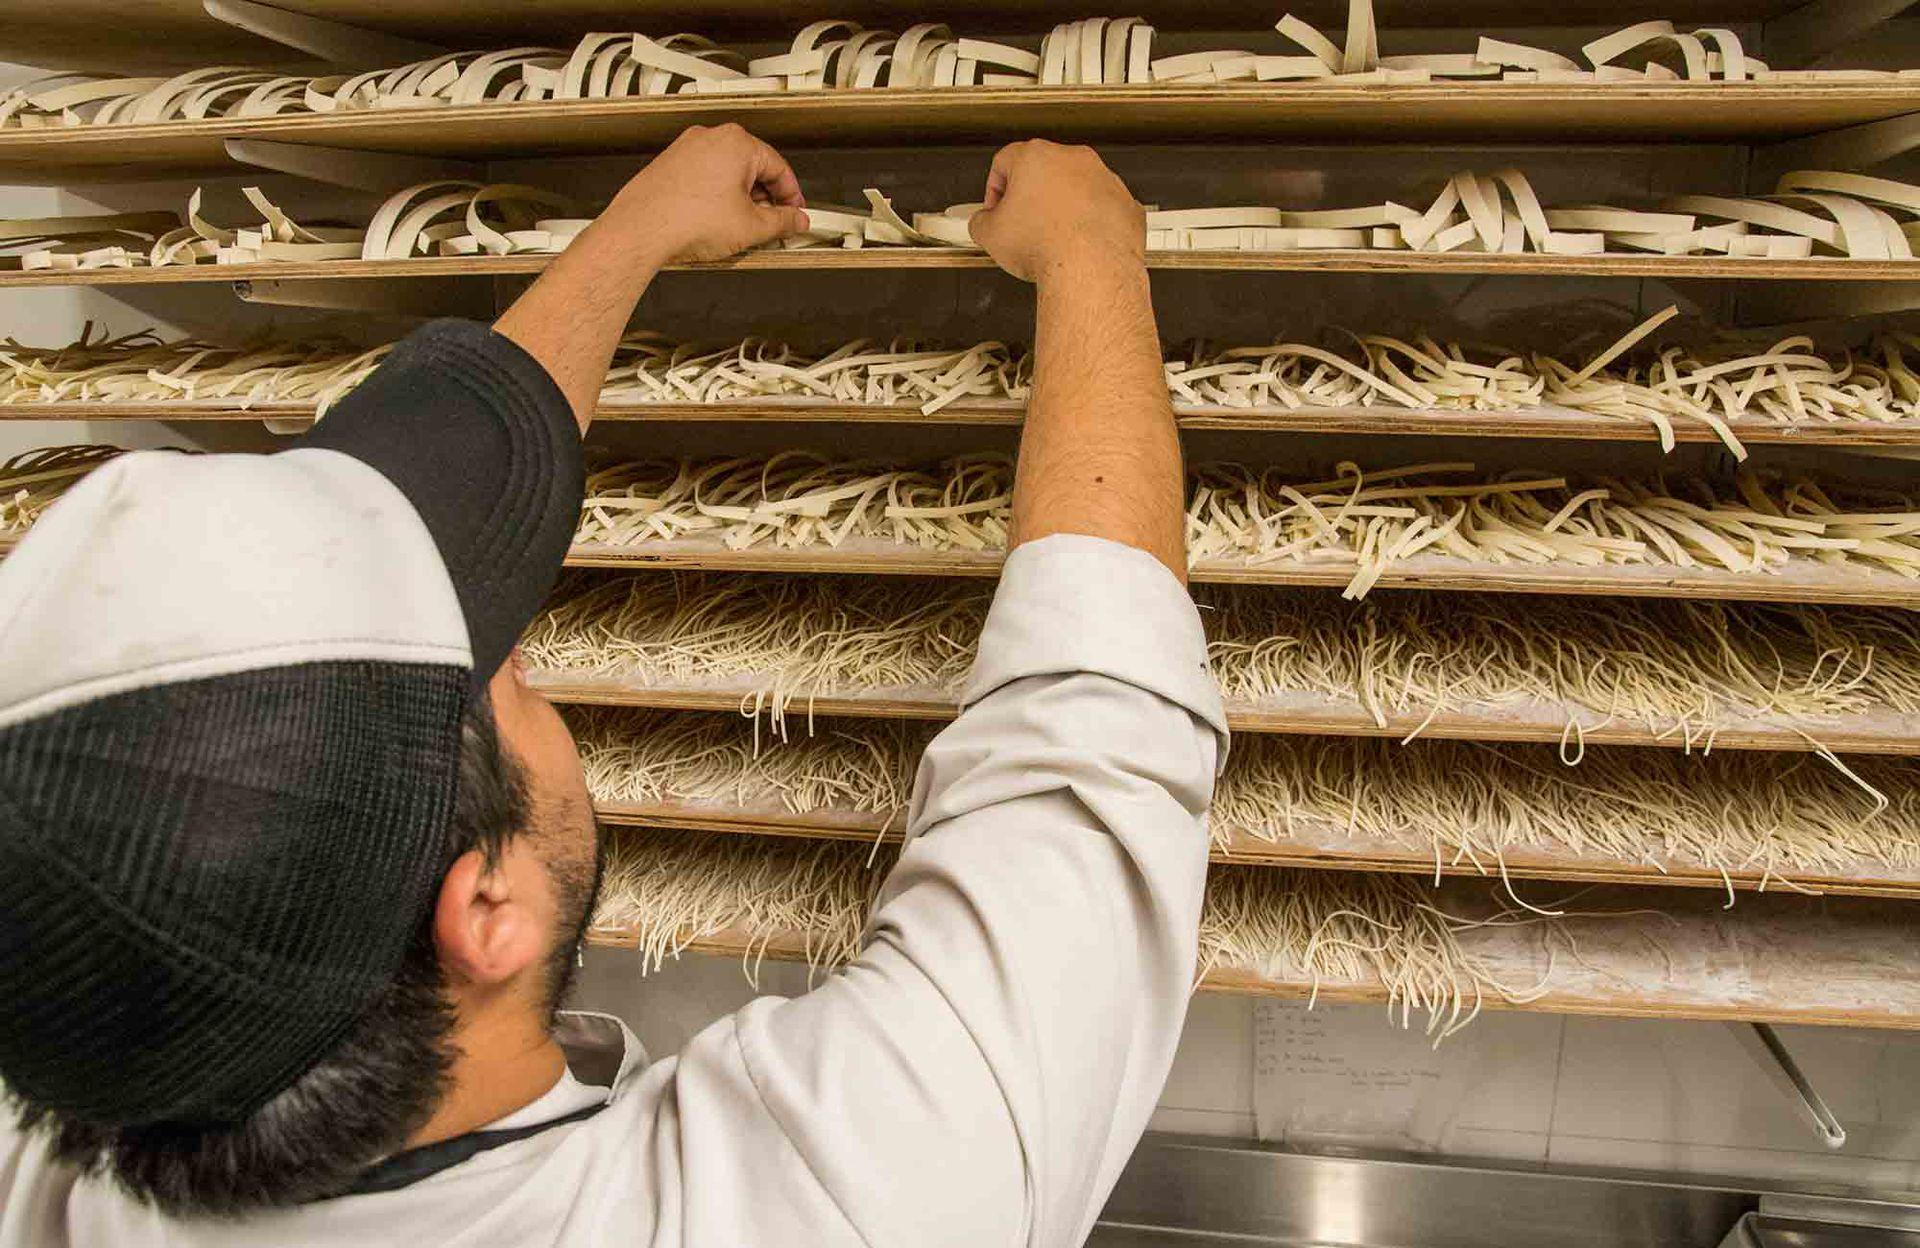 La variedad de pasta casera de Lucca, recién elaborada.